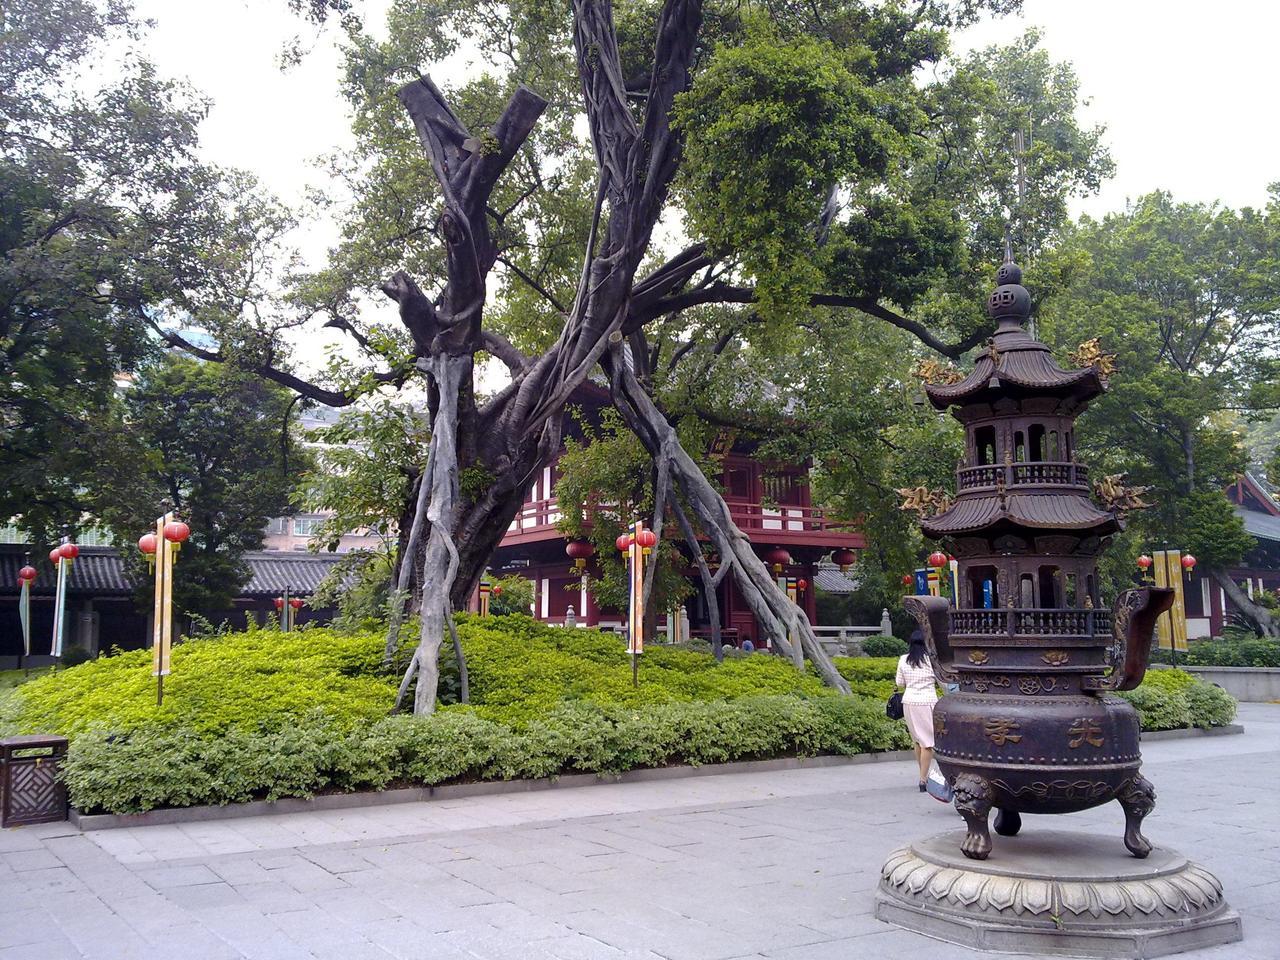 """唐仪凤元年,高僧慧能曾在该寺的菩提树下受戒,开辟佛教南宗,称""""禅宗"""